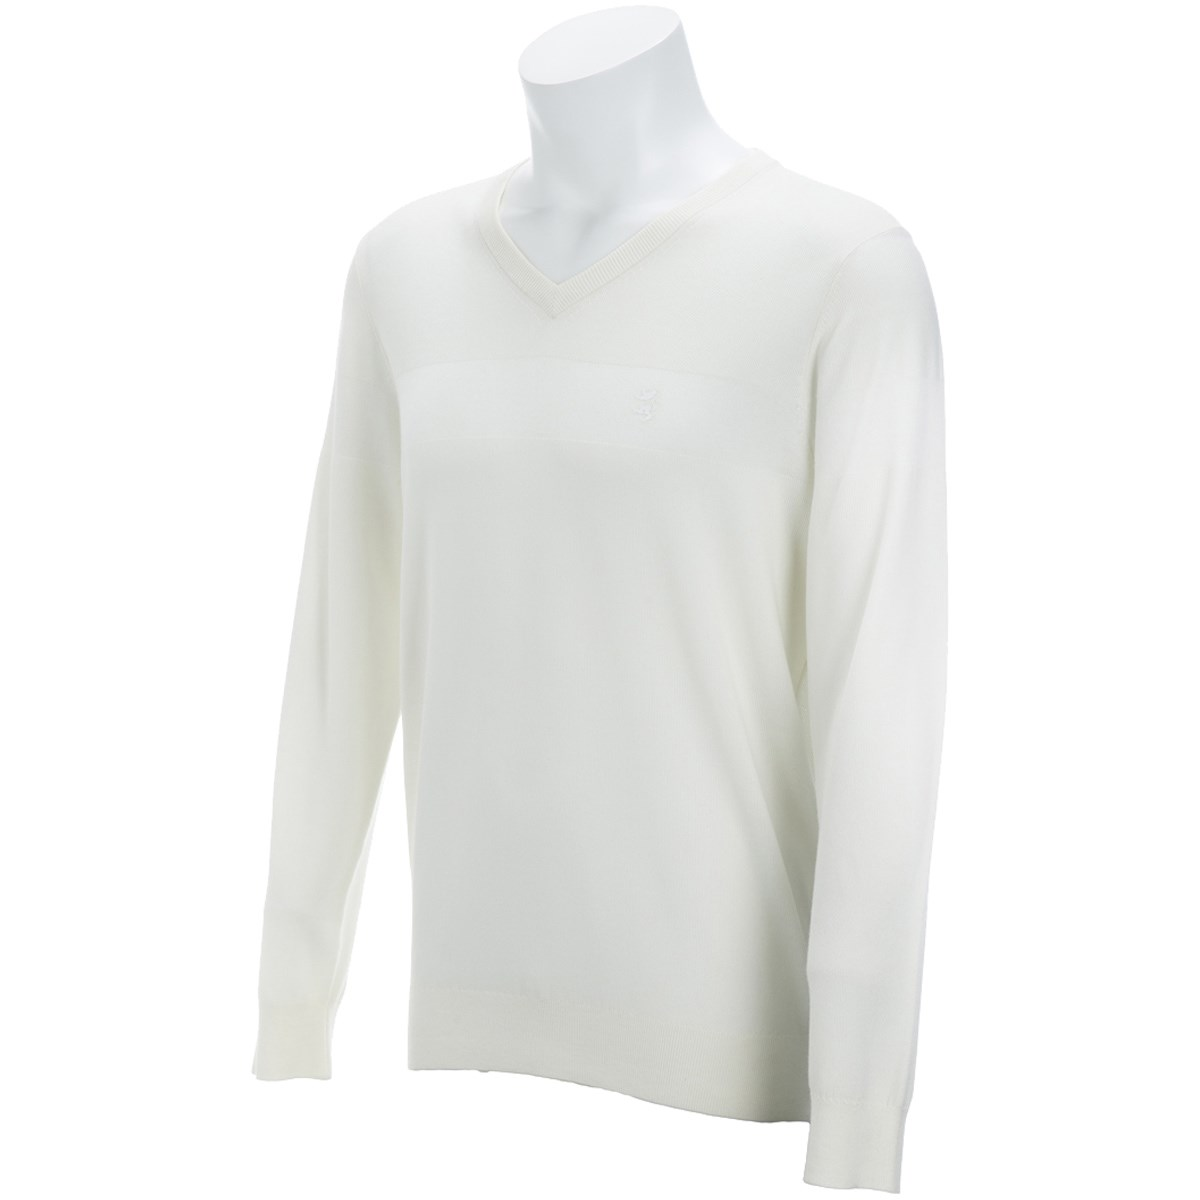 アドミラル アウトラスト セーター